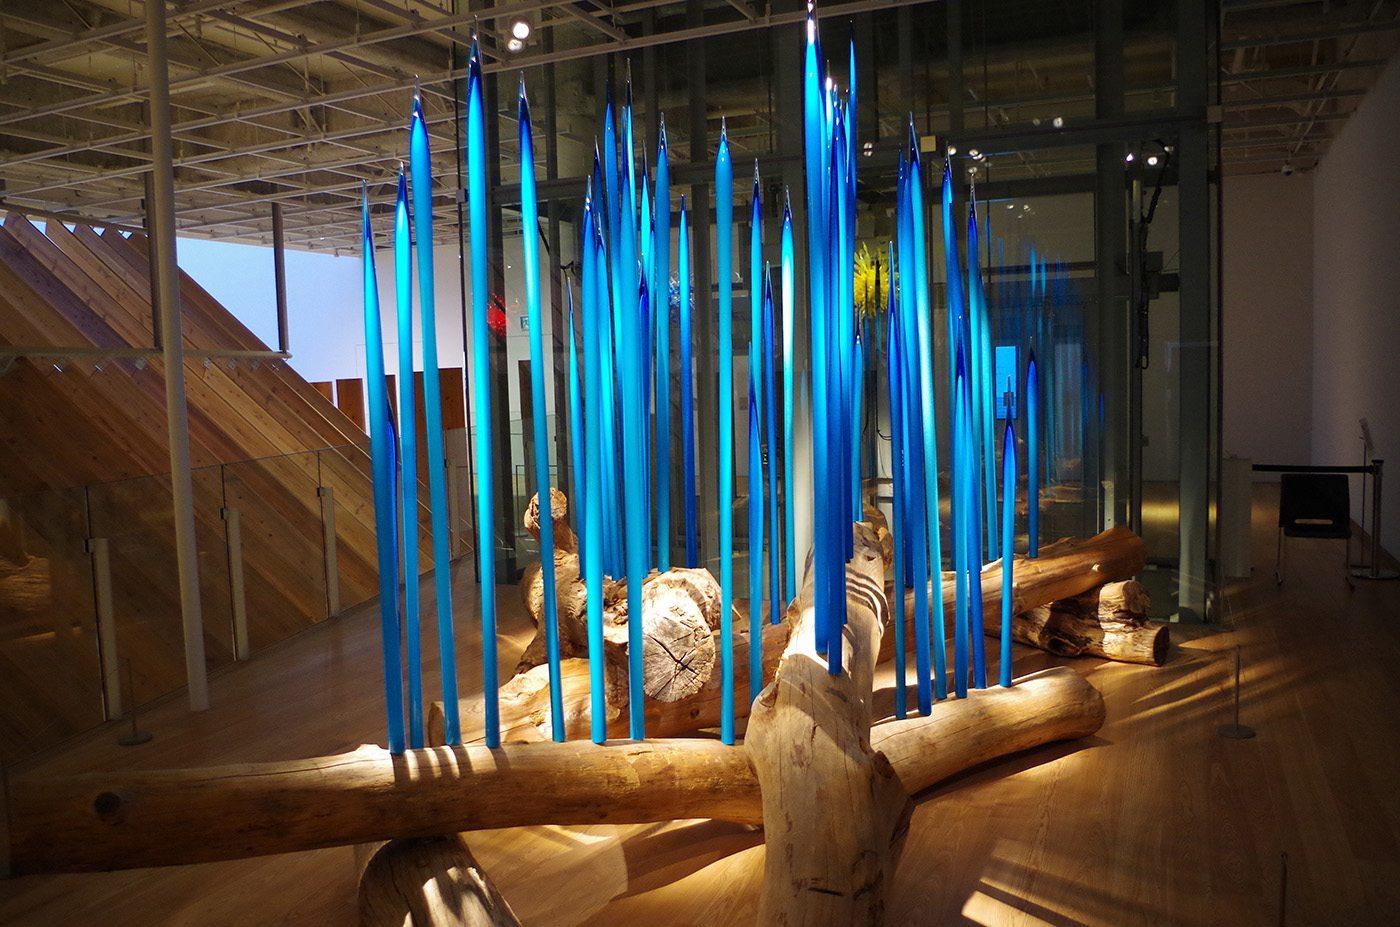 14.Toyama Glass Art Museum